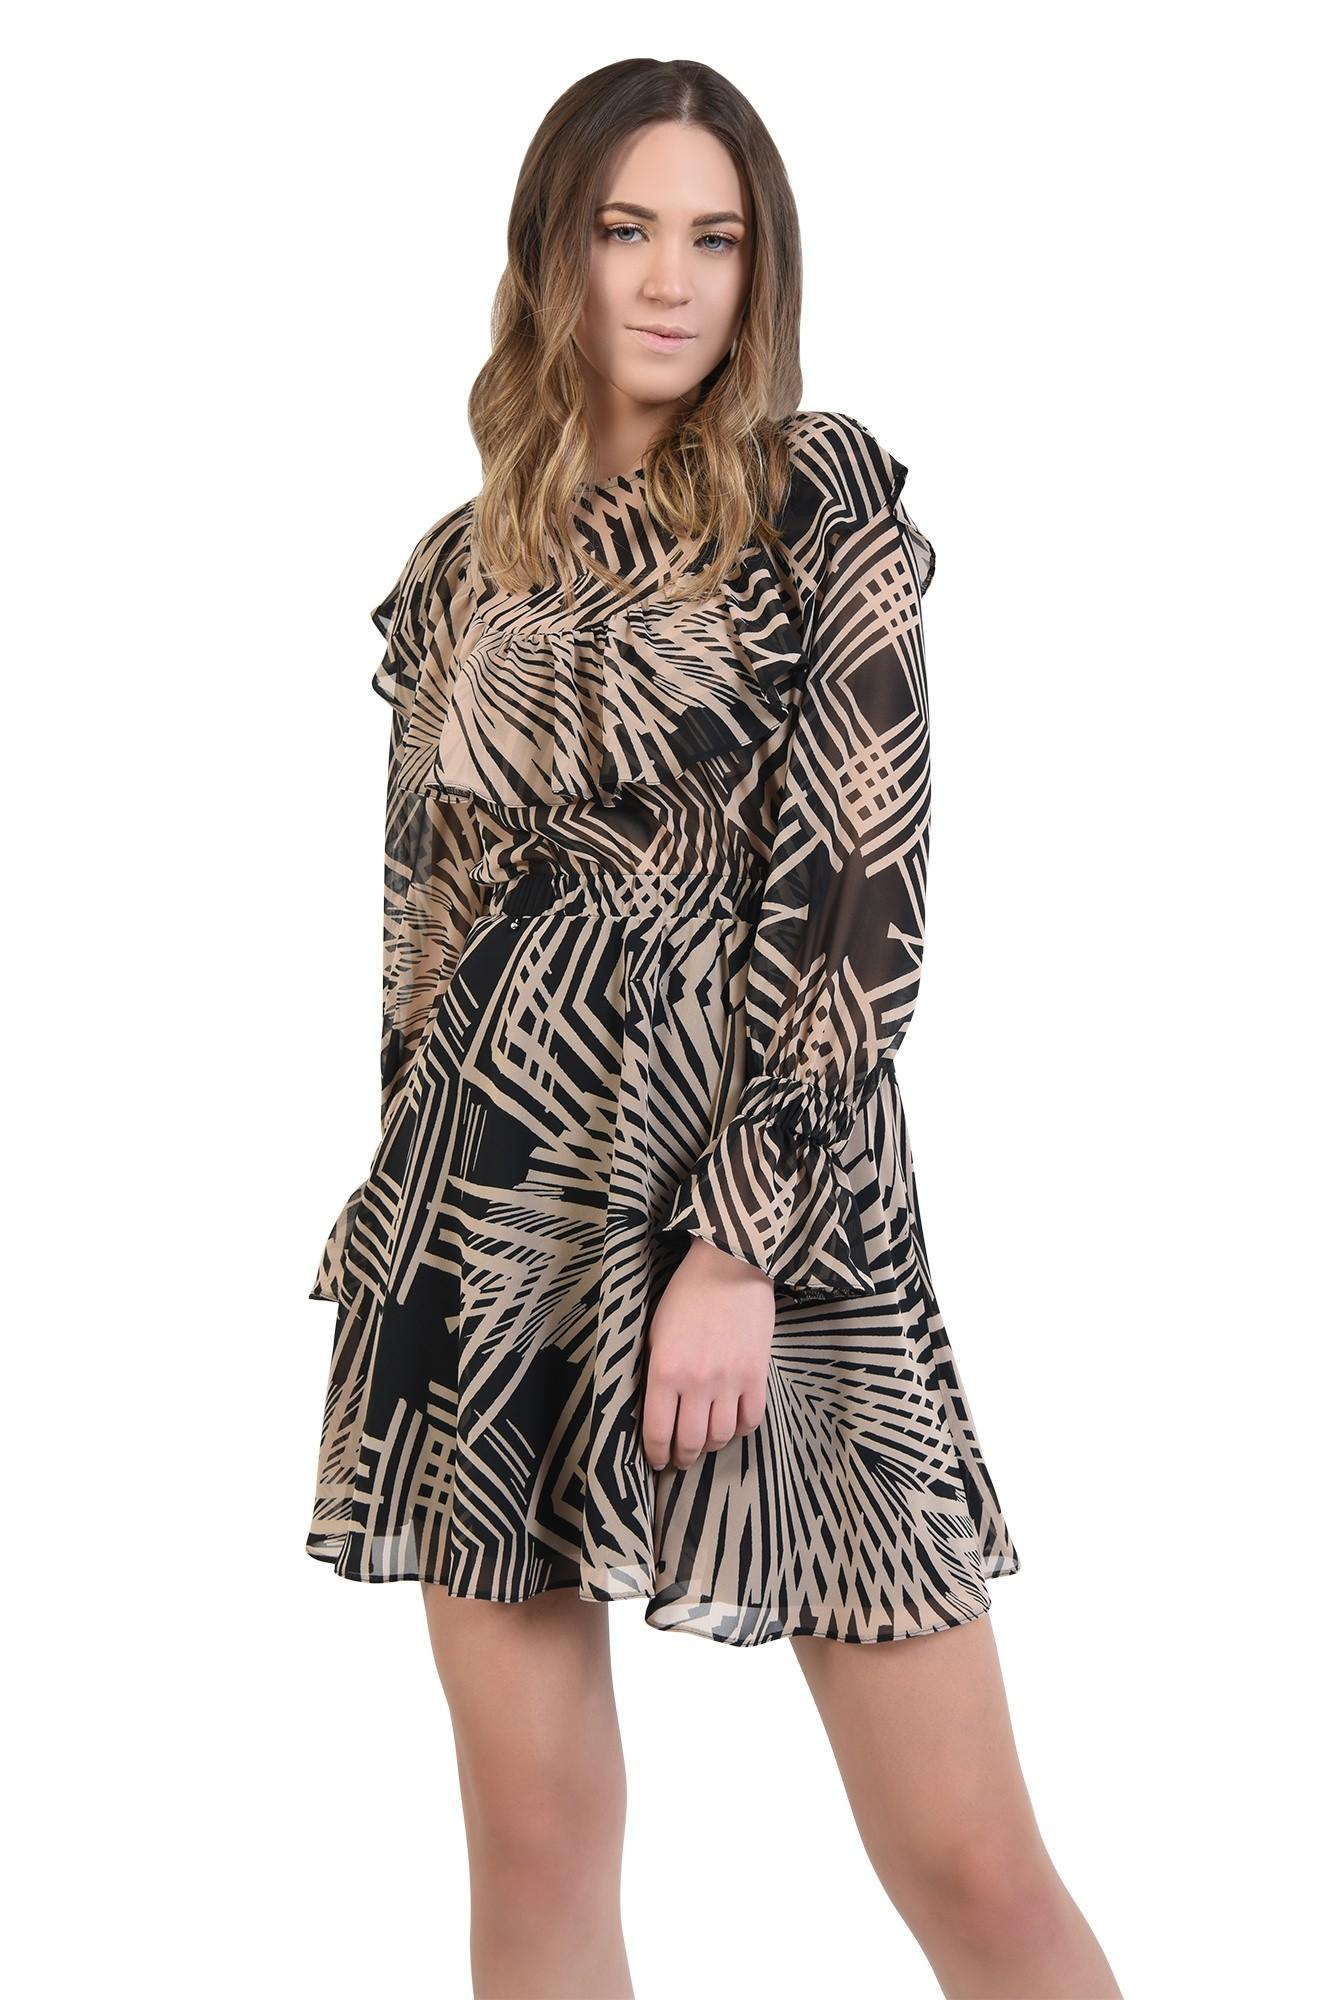 0 - rochie mini, cu imprimeu abstract, negru, bej, talie pe elastic, volan